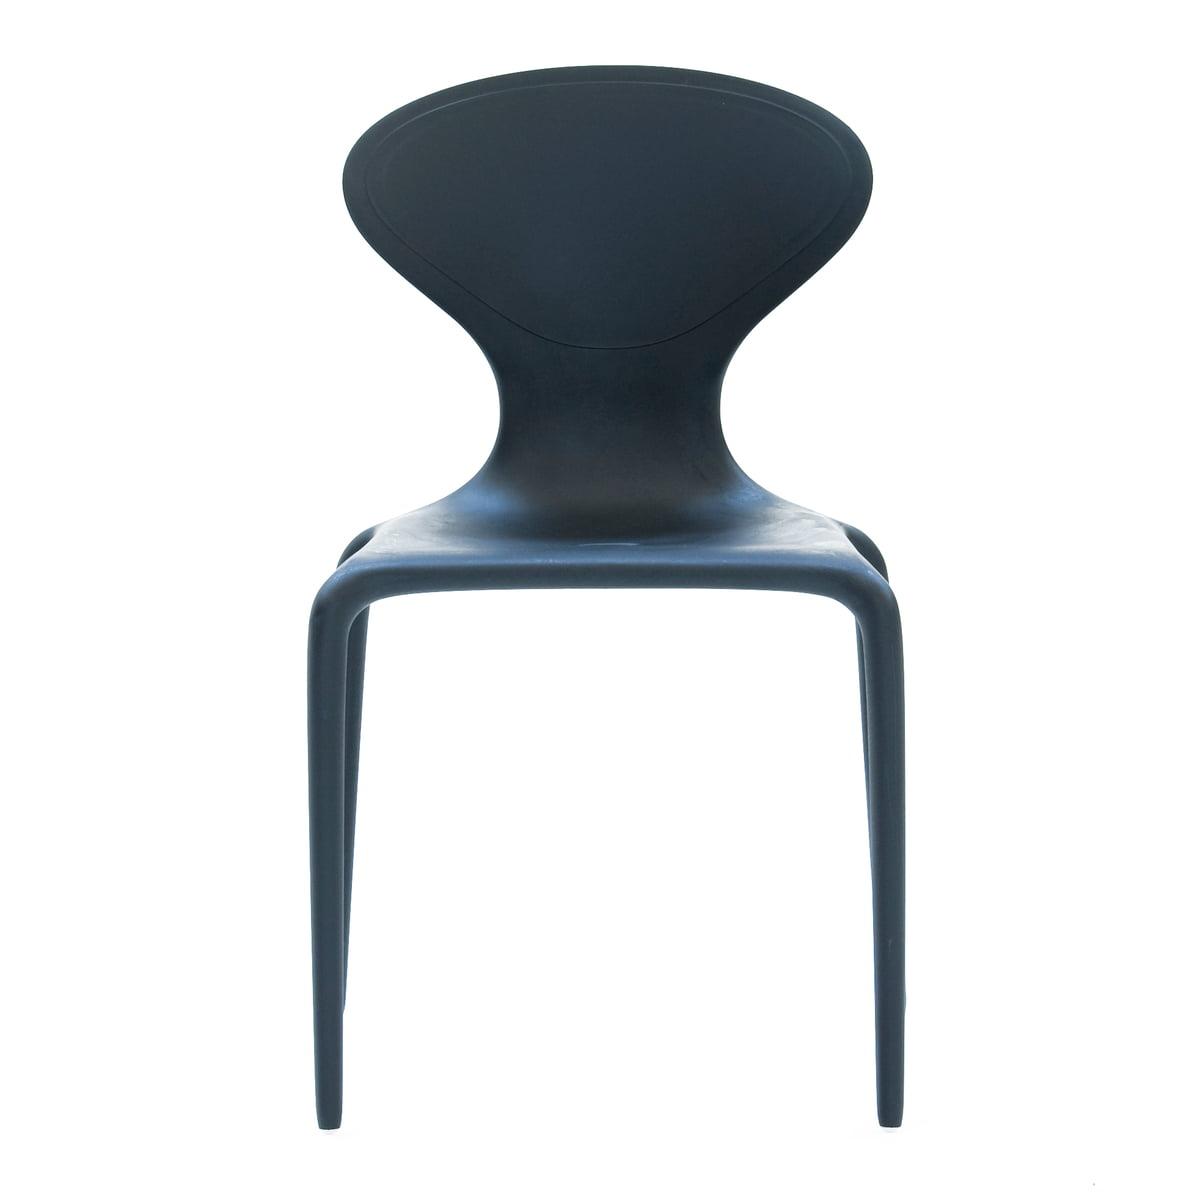 supernatural moroso. Black Bedroom Furniture Sets. Home Design Ideas